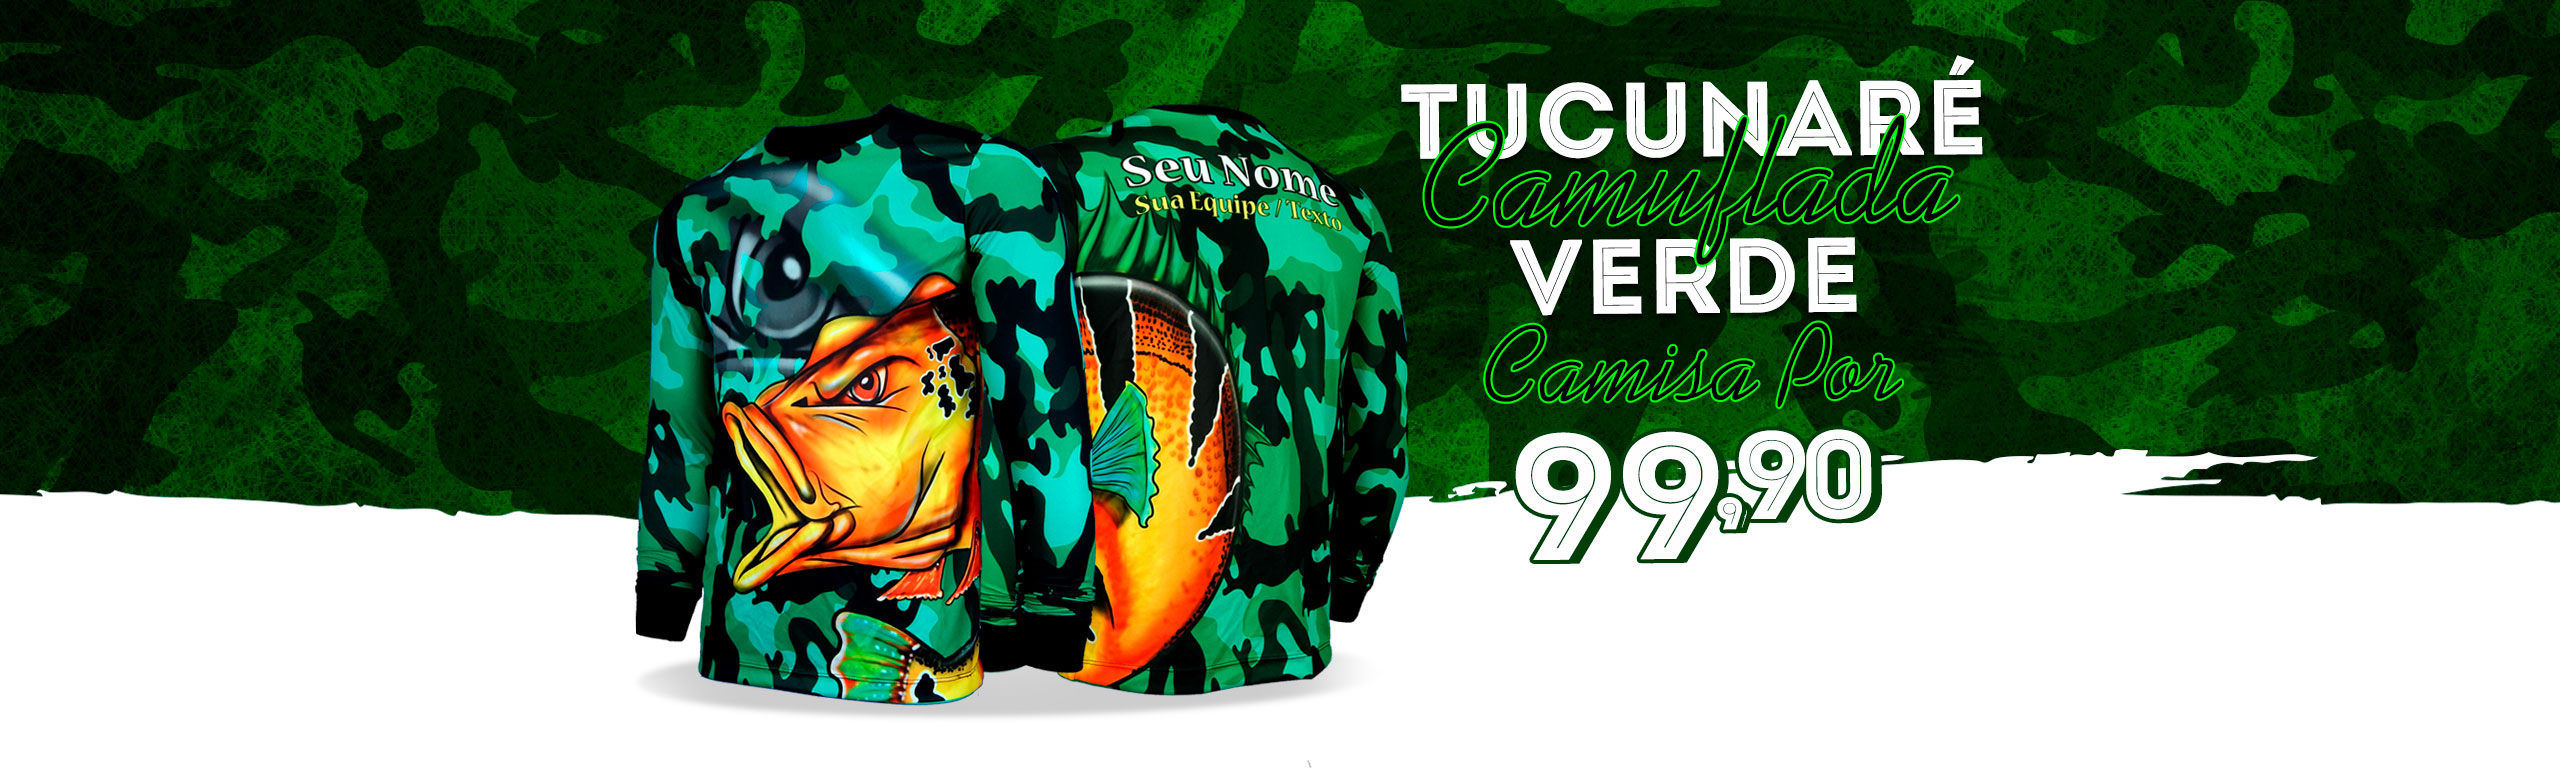 Tucunaré Camuflada Verde